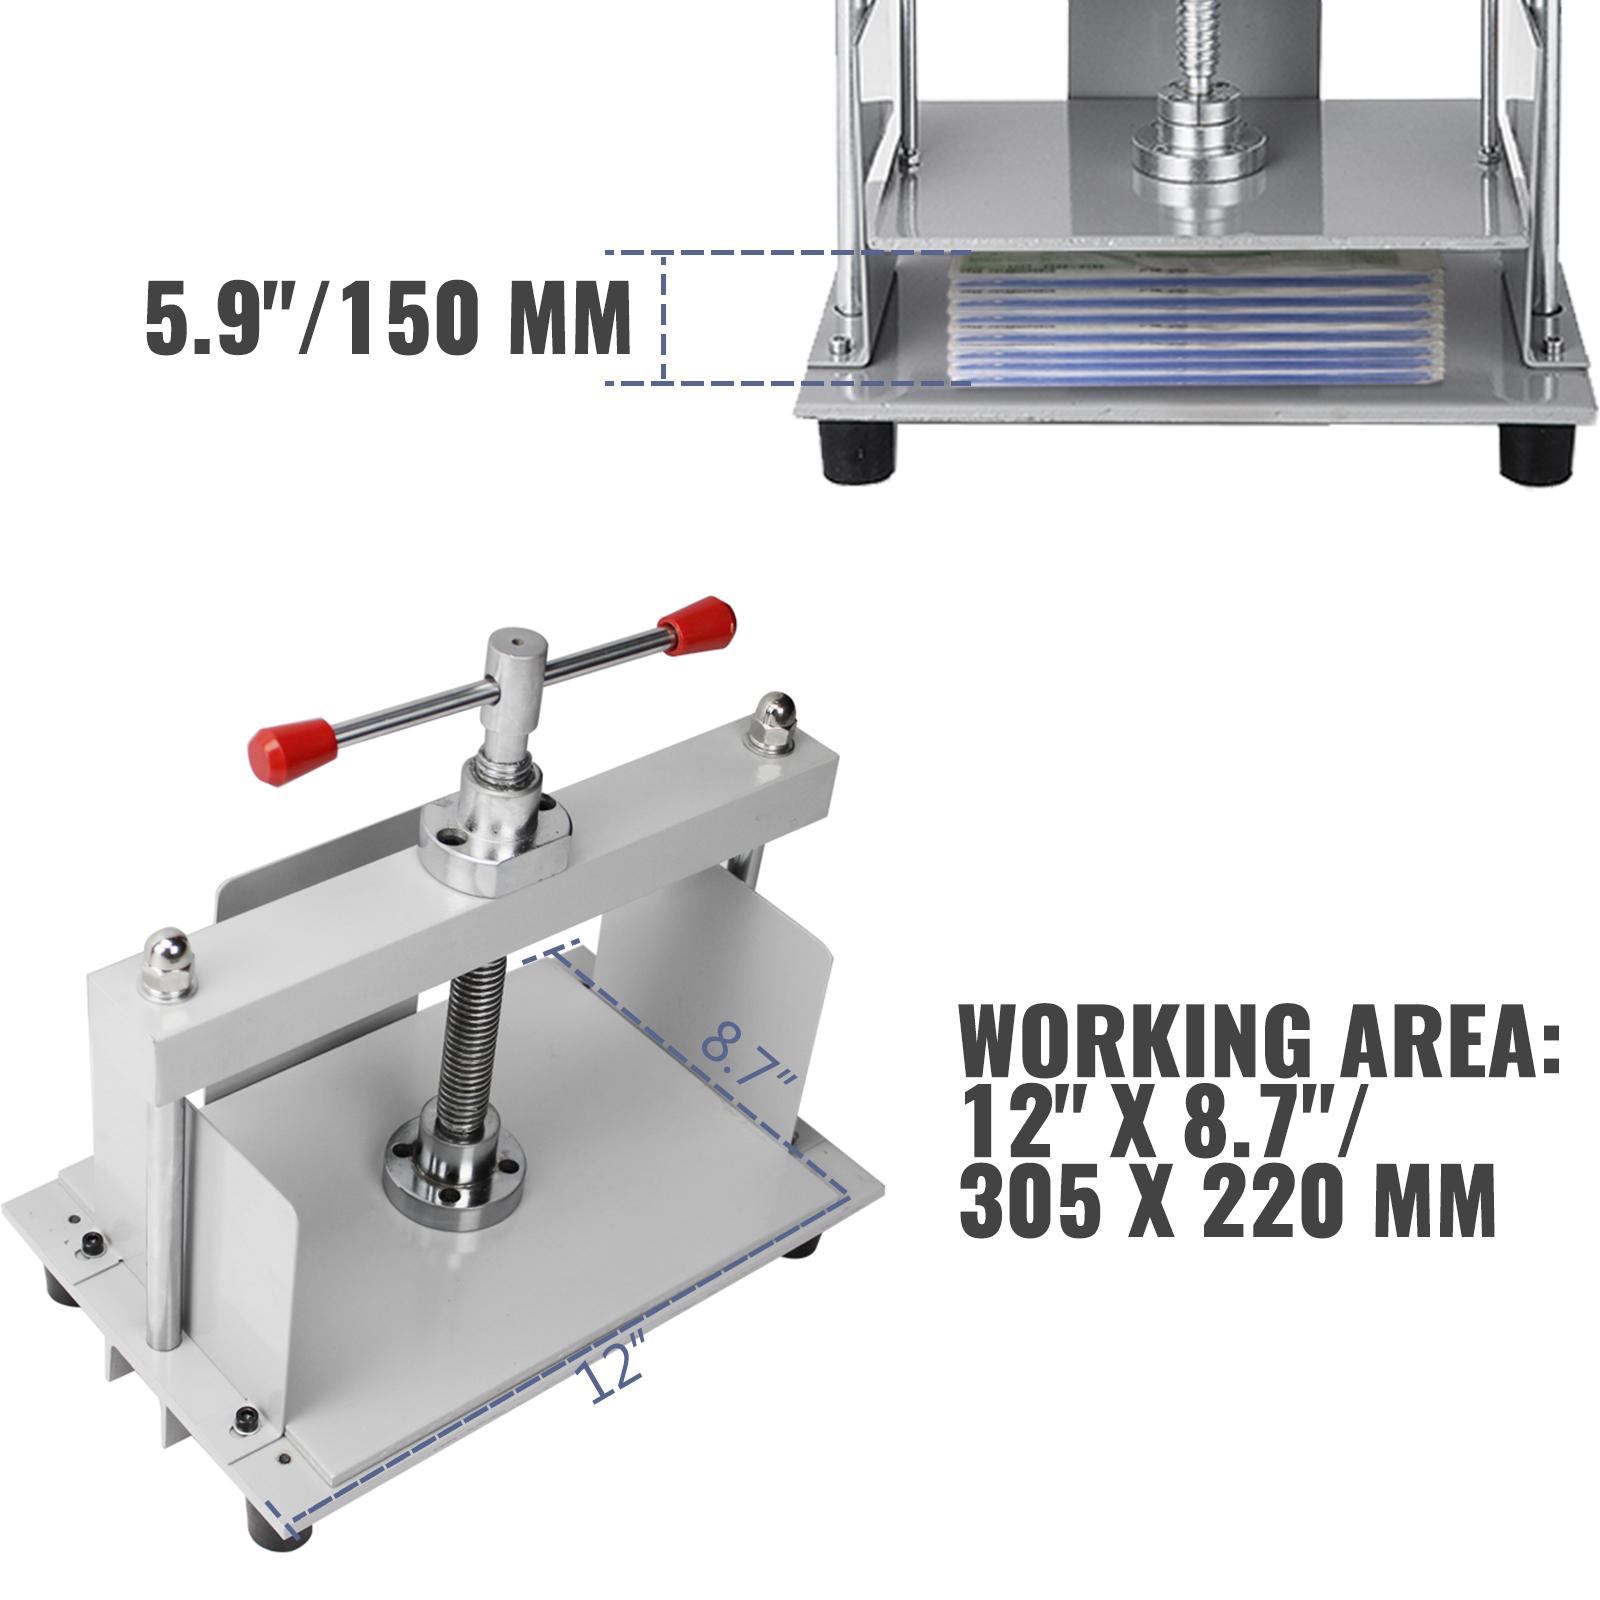 Flachdrücken Maschine Buchbinder aus Stahl Buchbinderpresse für Papier A4